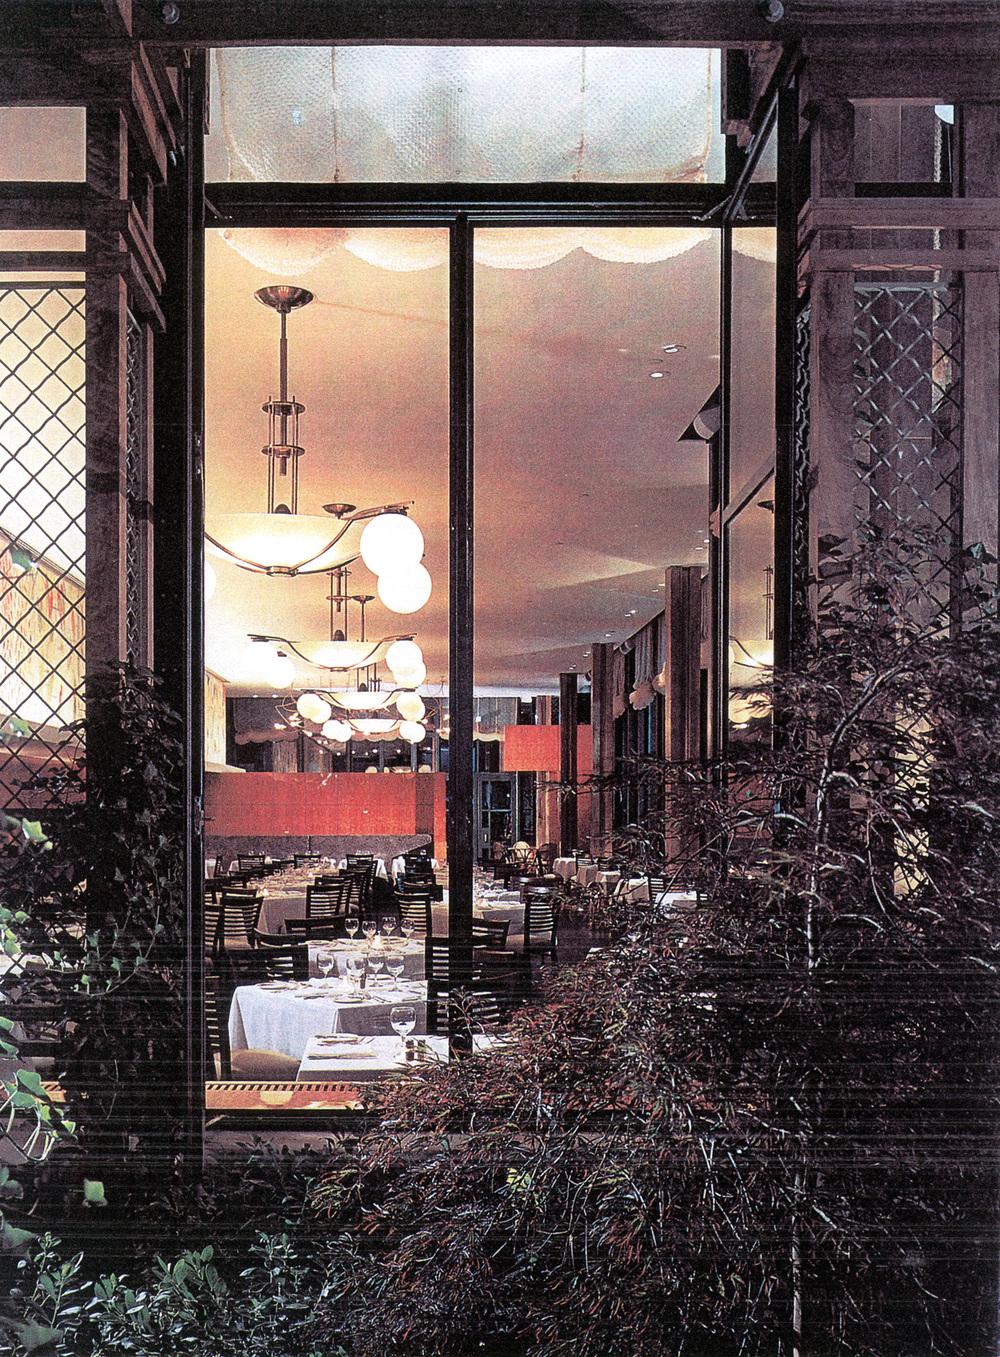 Byrant Park Restaurant